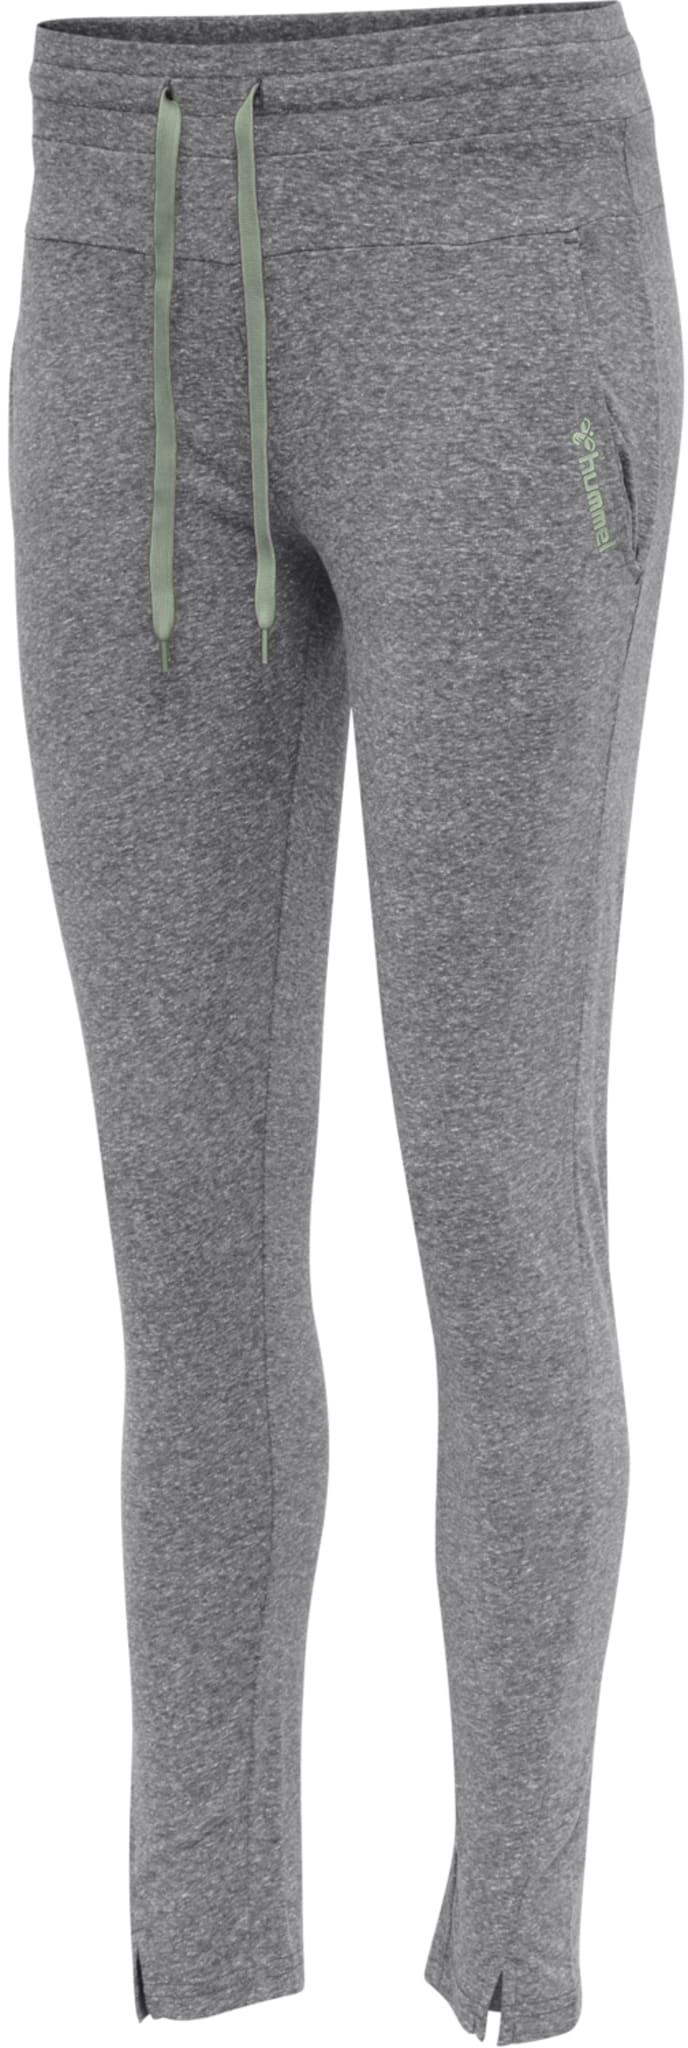 HmlZandra Regular Pants W